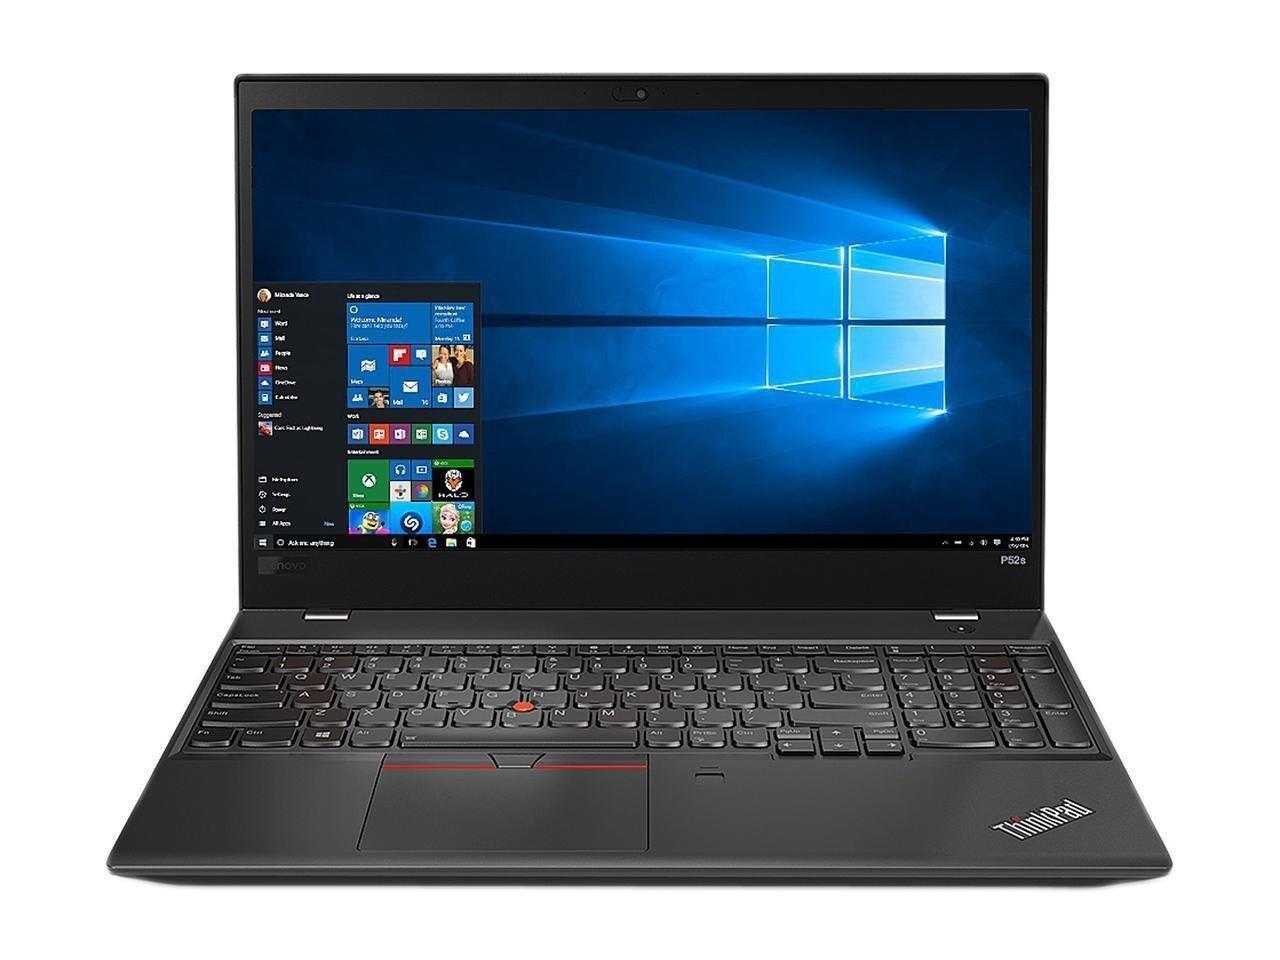 Lenovo ThinkPad P50s    i7 - 6600M    RAM 8GB /SSD 256GB    14 inch FHD VGA M500M